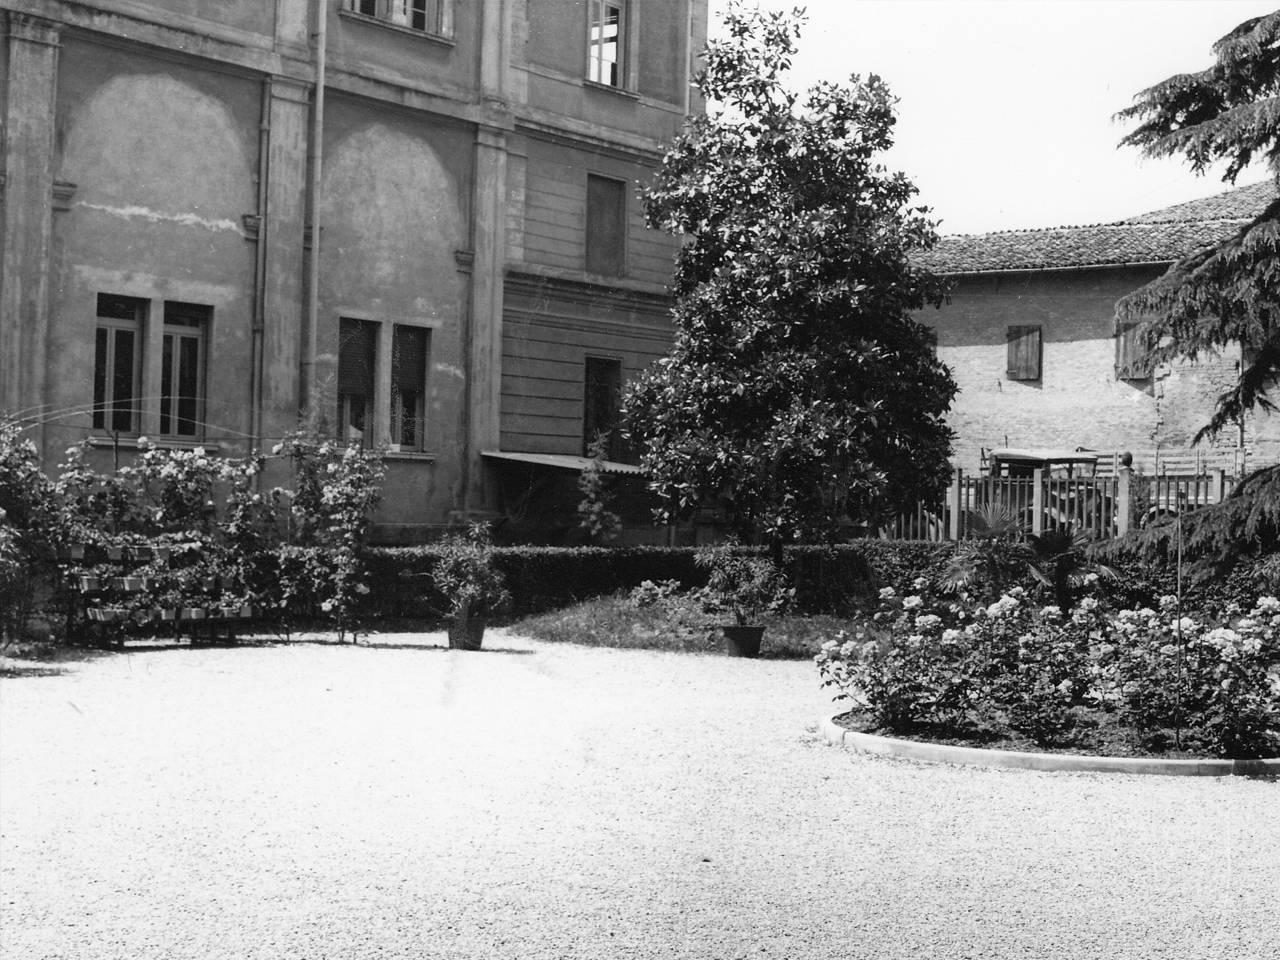 OSTRUZIONE E DETTAGLI CASA DEL MUTILATO FOTOTECA BIBLIOTECA PANIZZI, FOTO ARS - REGGIO EMILIA 1927 CA.